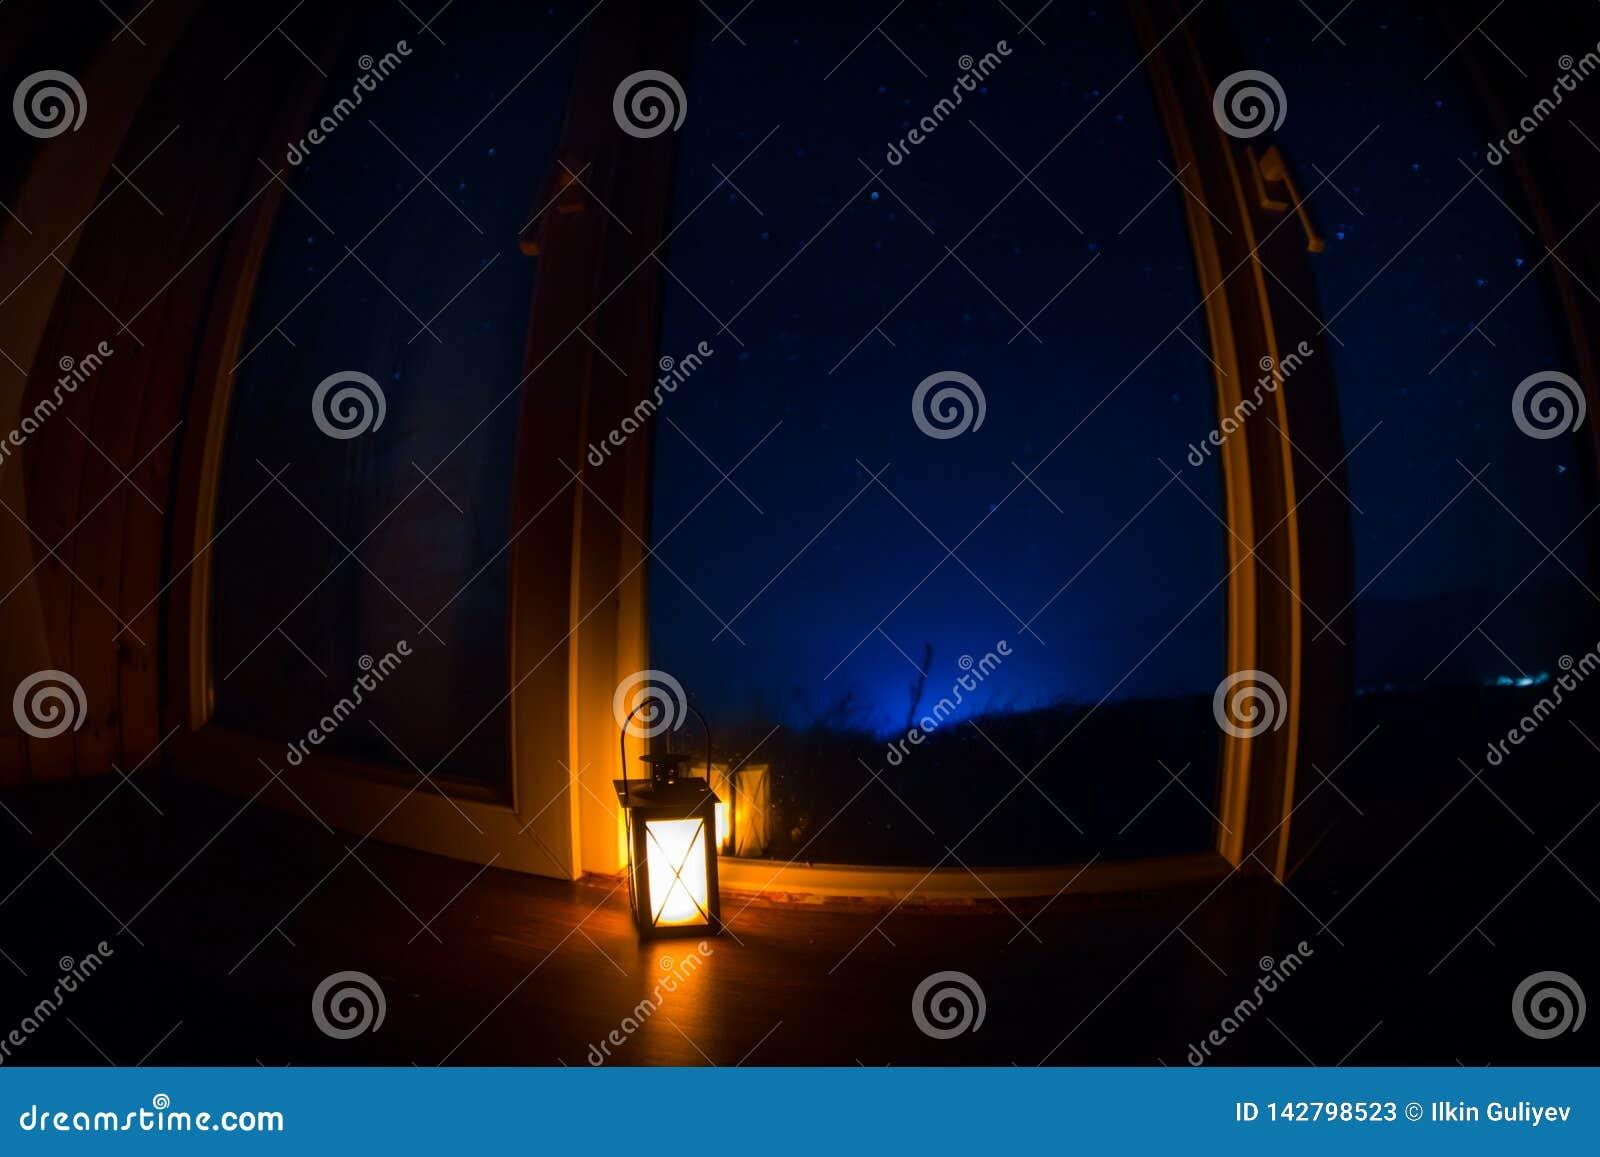 Nattplats av stjärnor som igenom ses fönstret från mörkt rum Natthimmel inom mörkt rum Lång exponering sköt